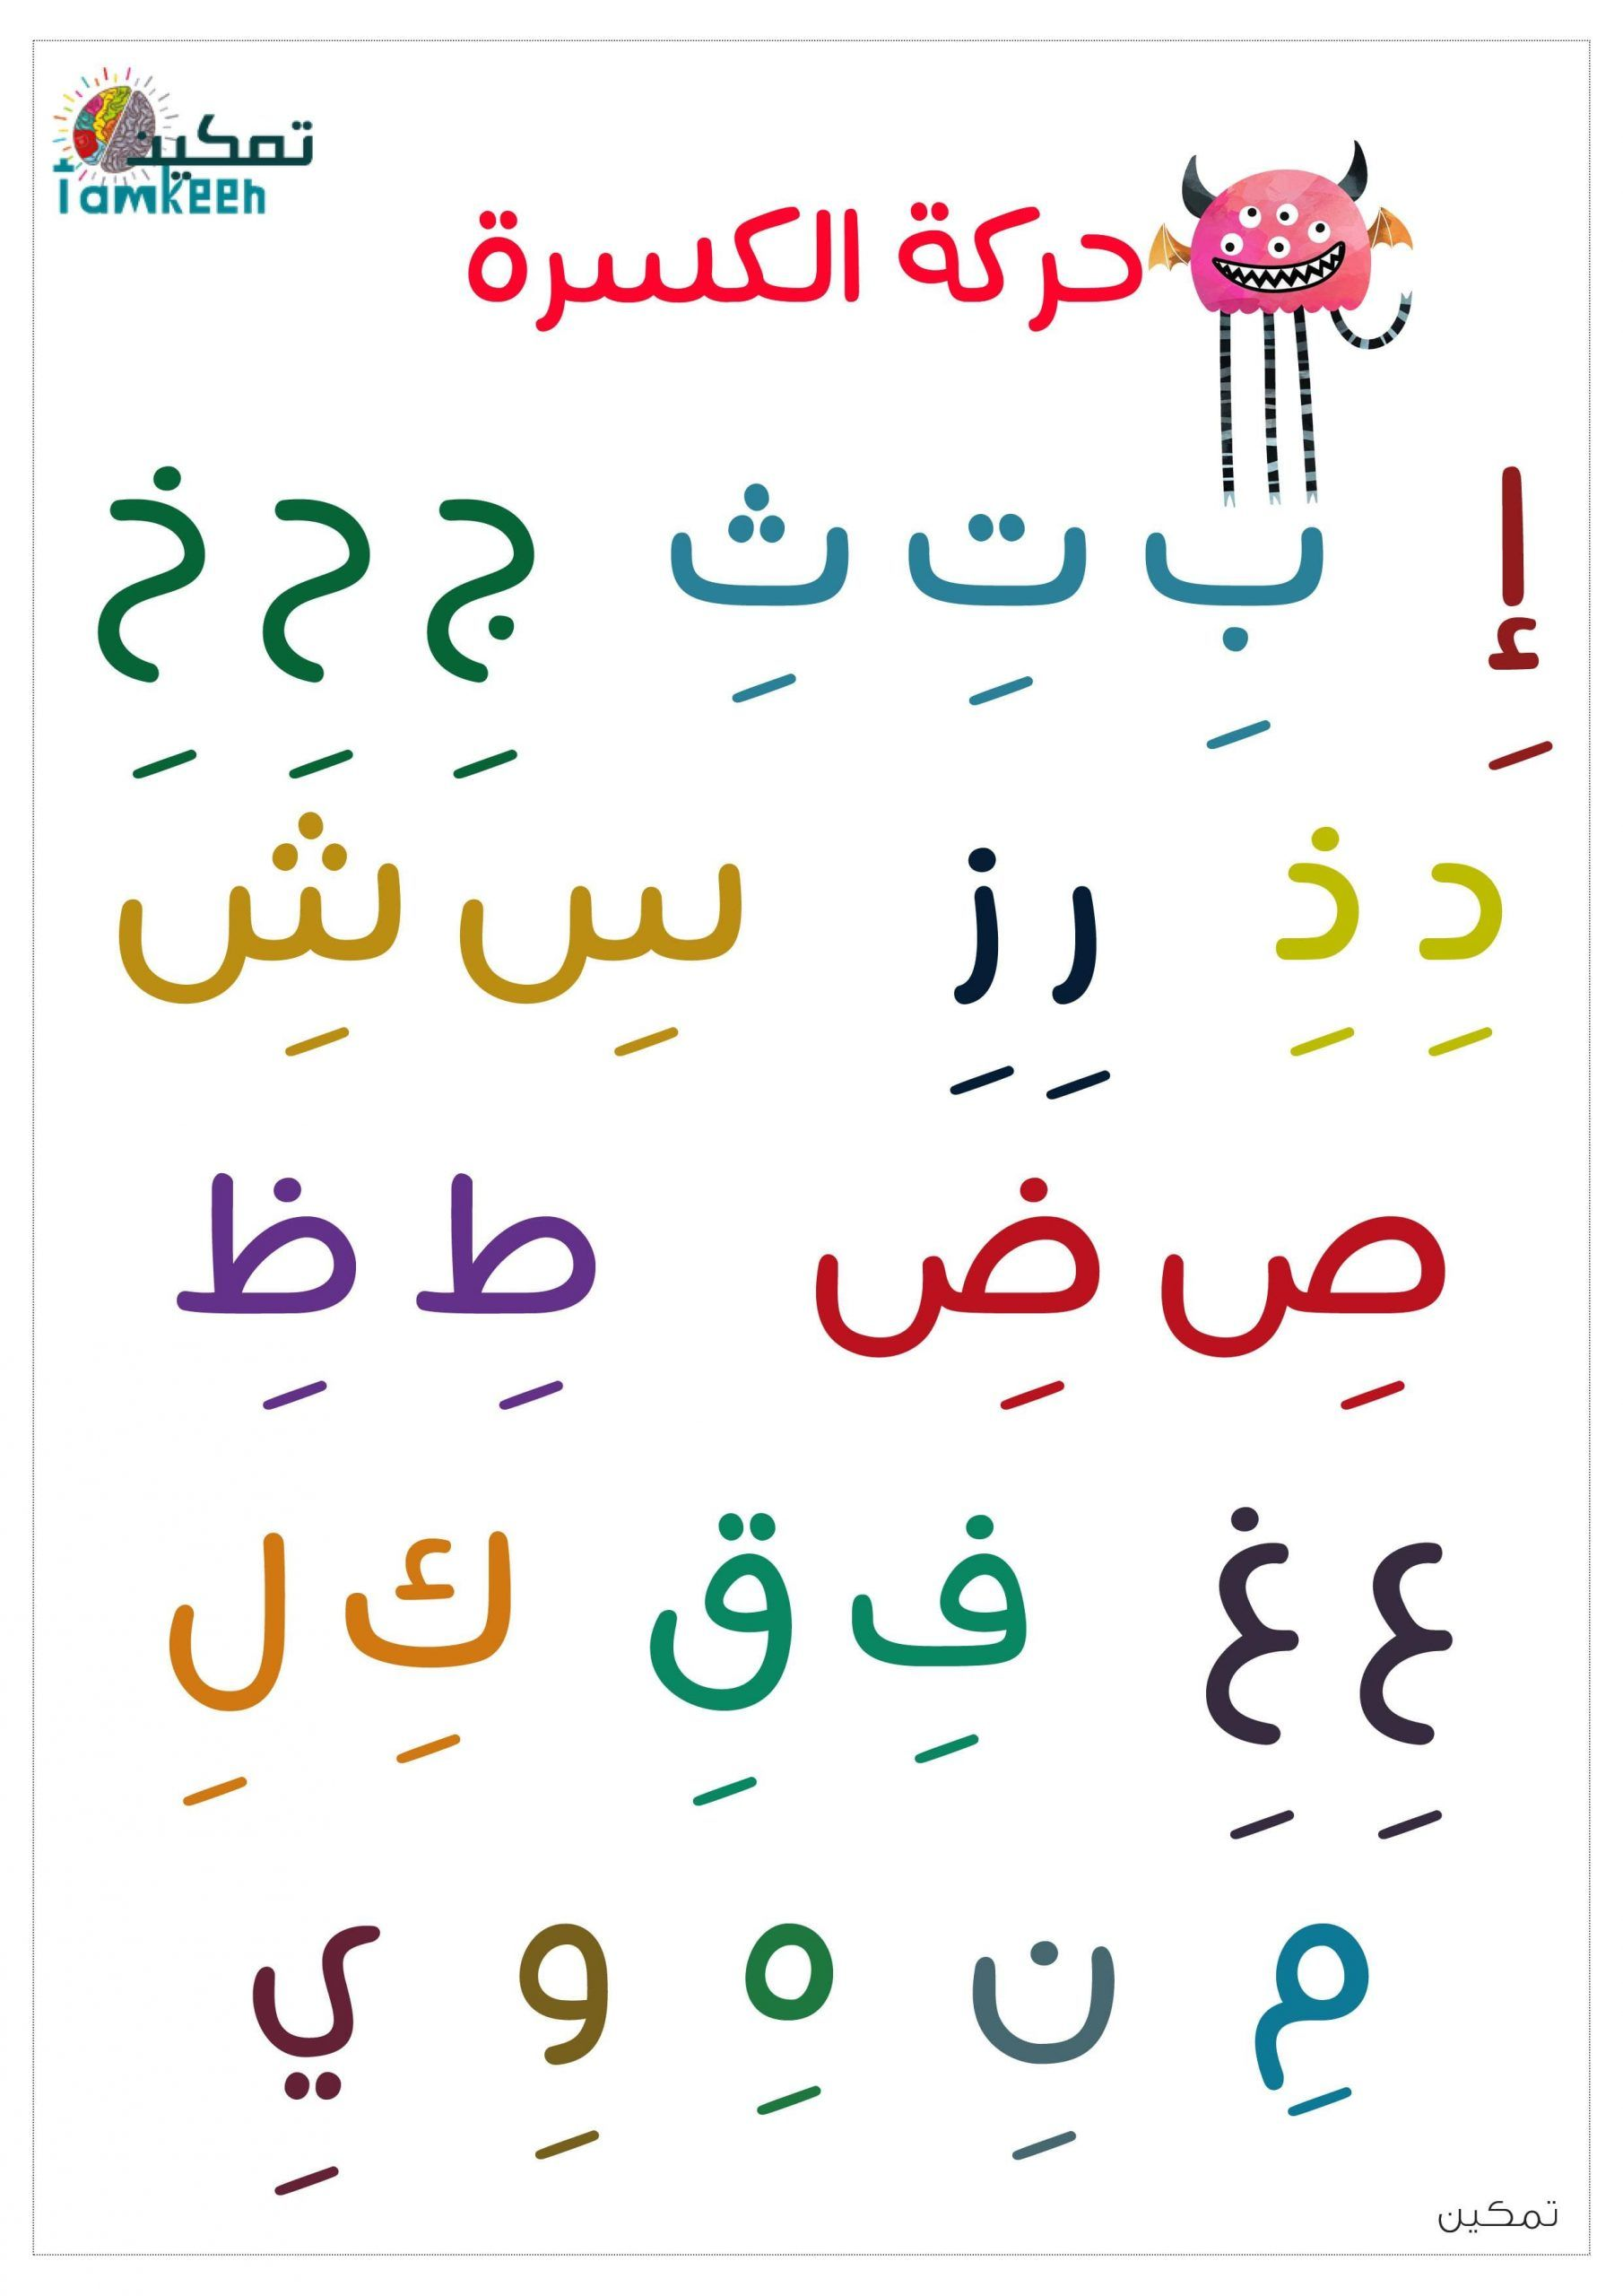 الحروف الهجائية مع حركة الكسرة لتعليم الاطفال النطق Learning Arabic Math Word Search Puzzle